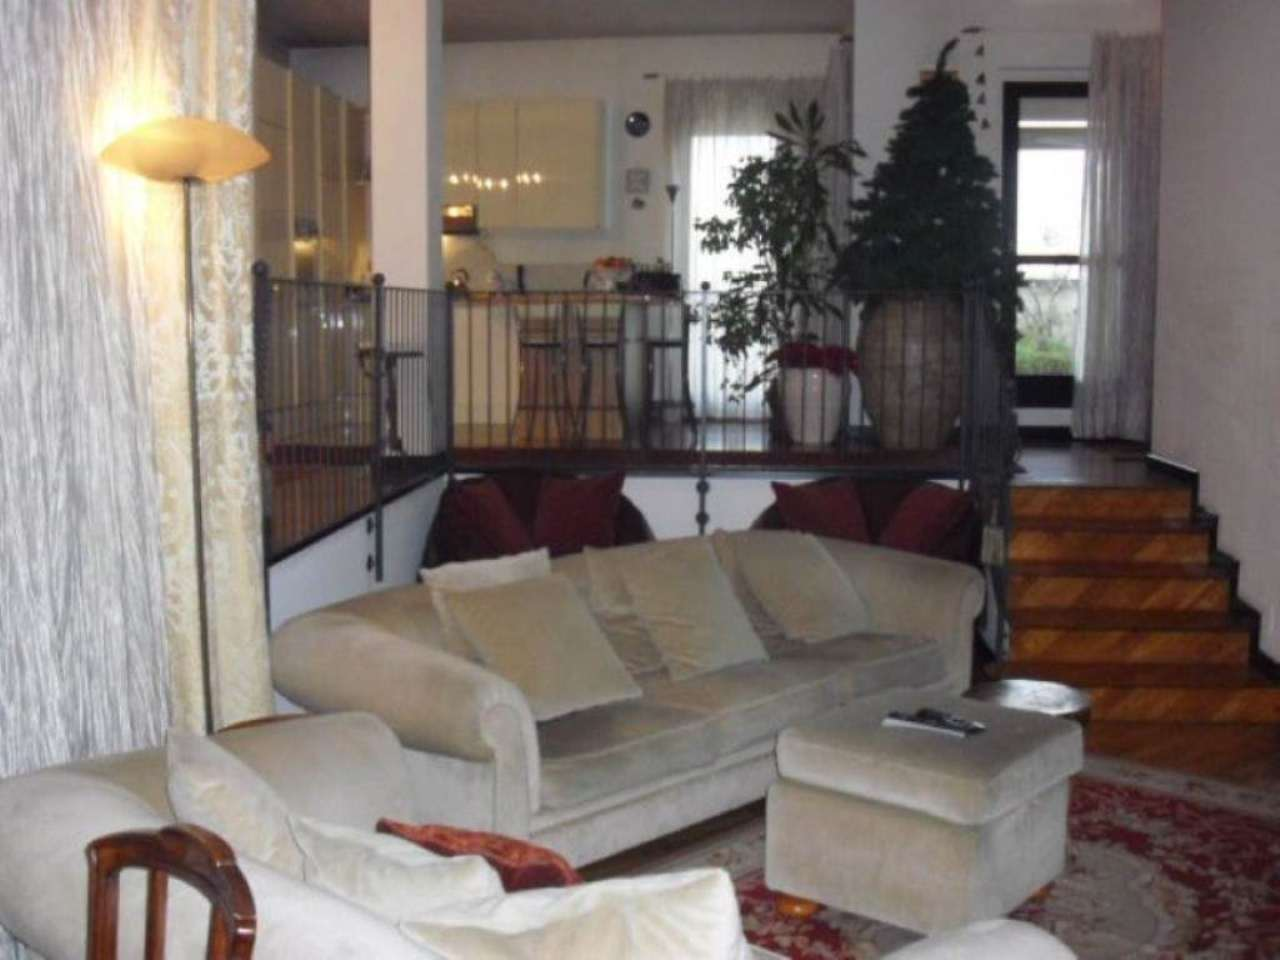 Attico / Mansarda in vendita a Peschiera Borromeo, 6 locali, prezzo € 410.000 | Cambio Casa.it